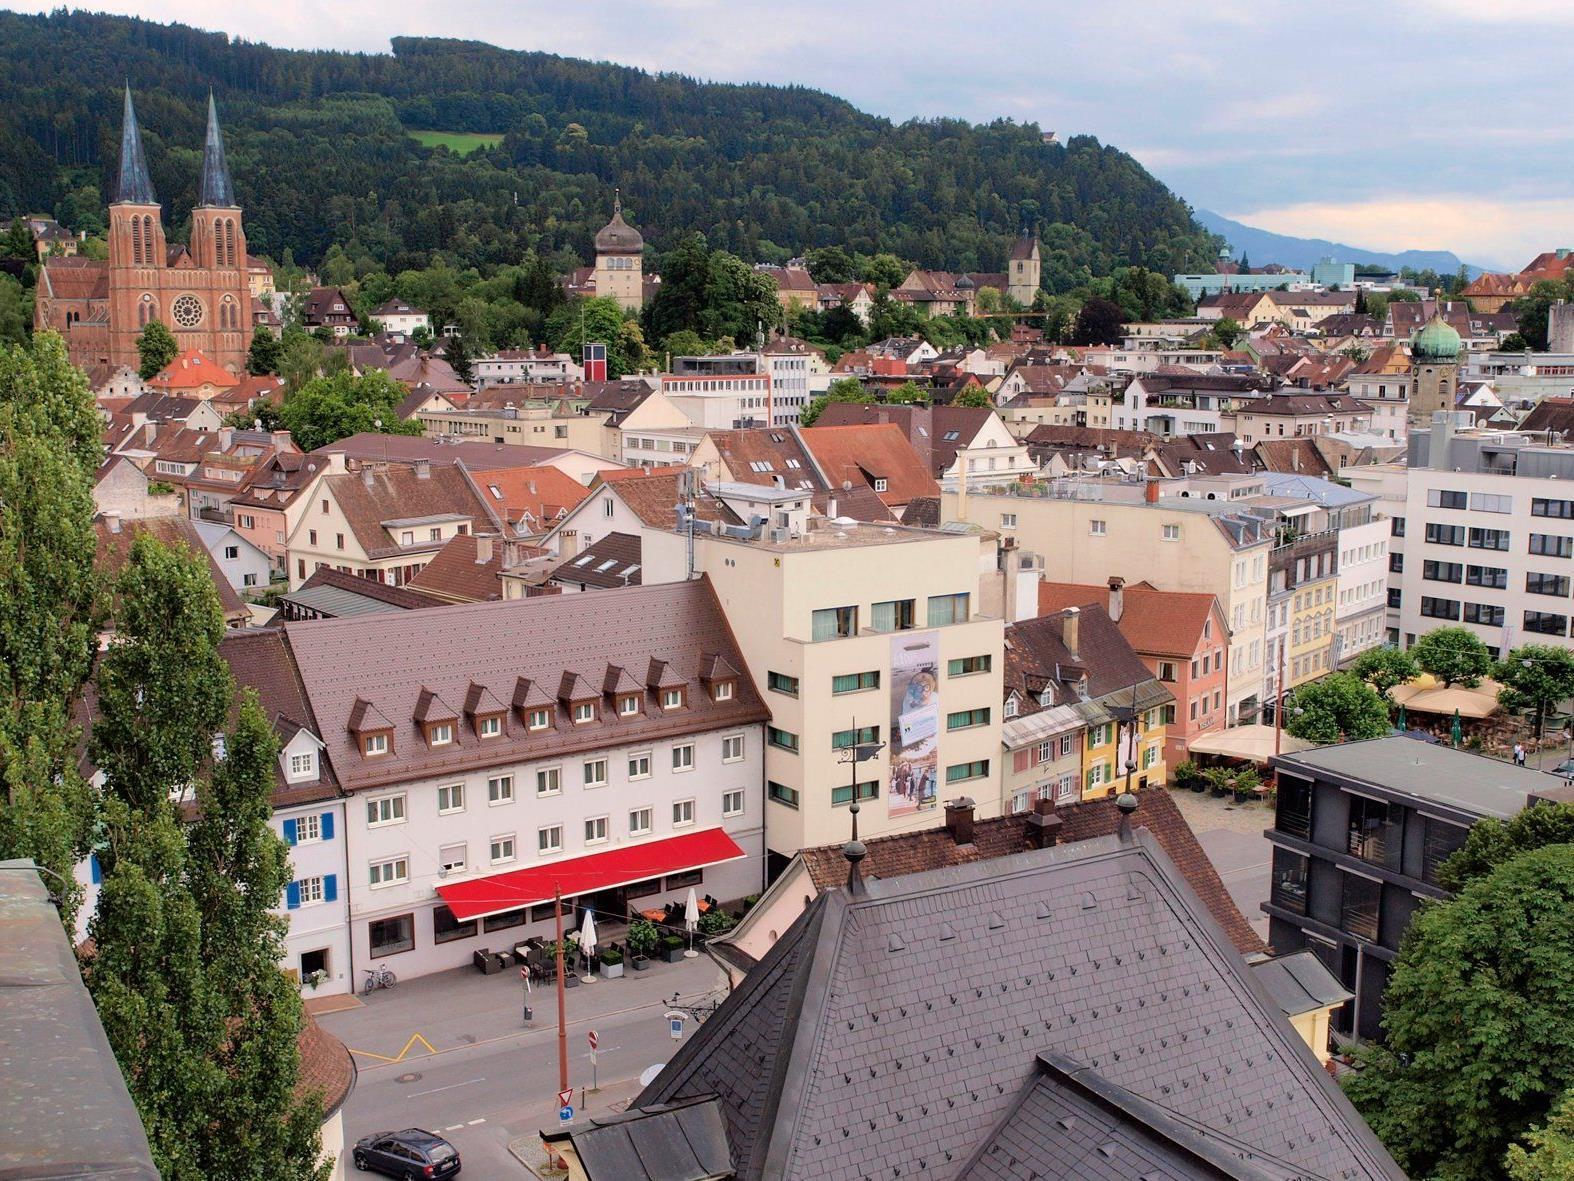 In der Landeshauptstadt Bregenz entsteht bis Sommer 2015 ein Widerstandsmahnmal.